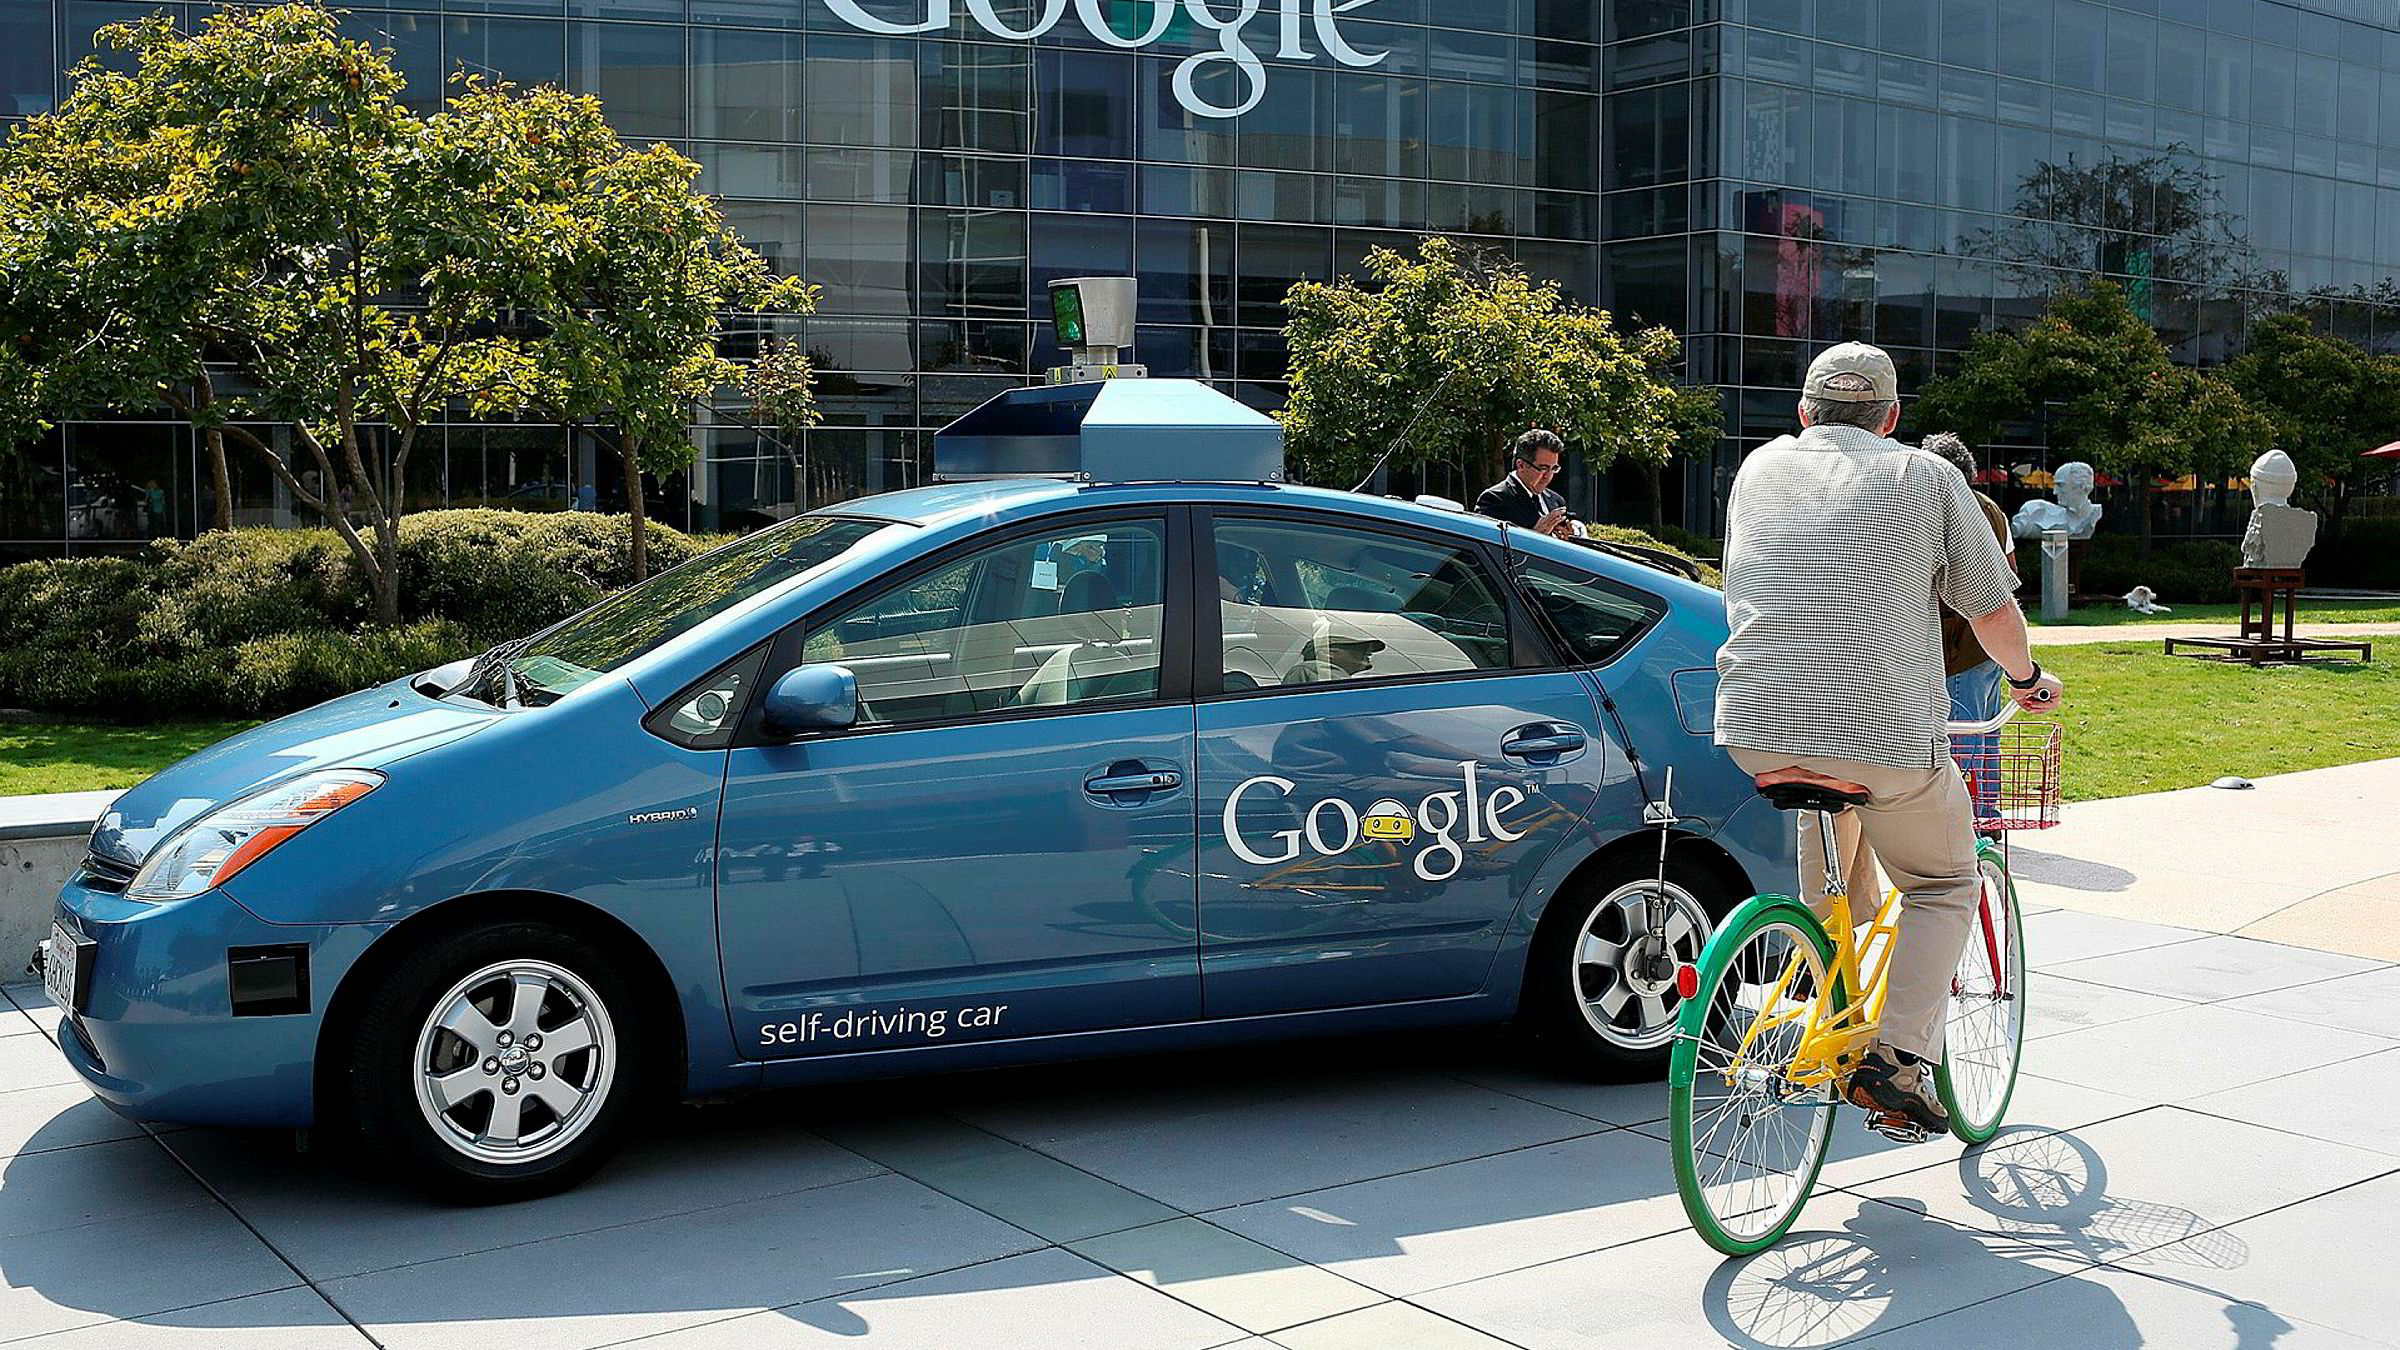 Gjennomsnittsbilen står stille 23 timer i døgnet. Førerløse biler, som blant annet Google utvikler, kan gi vesentlig billigere passasjerkilometer.